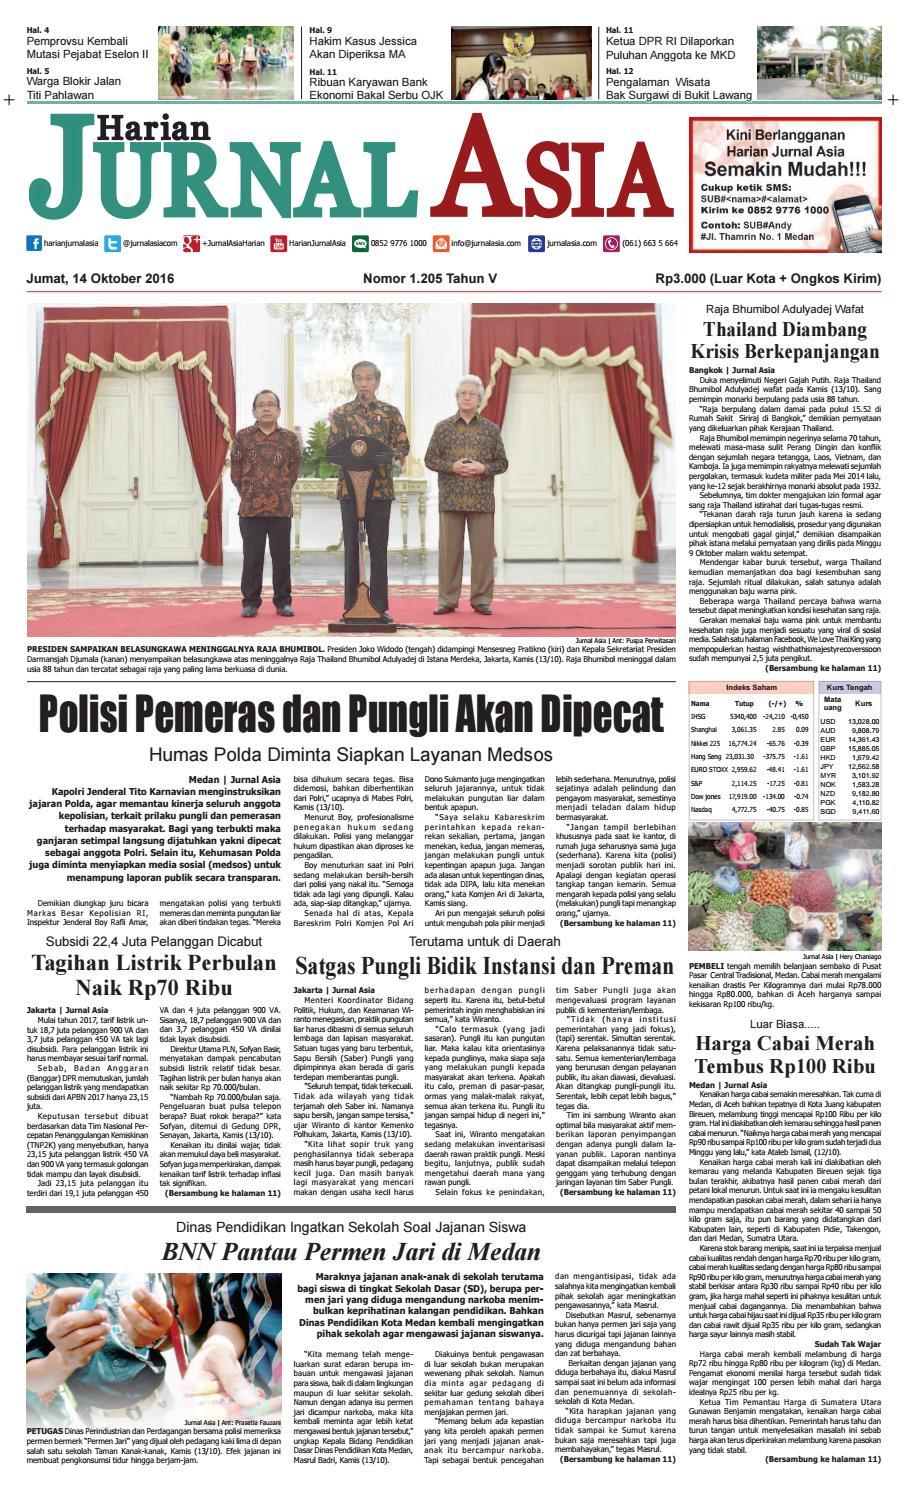 Harian Jurnal Asia Edisi Jumat, 14 Oktober 2016 by Harian Jurnal Asia - Medan - issuu